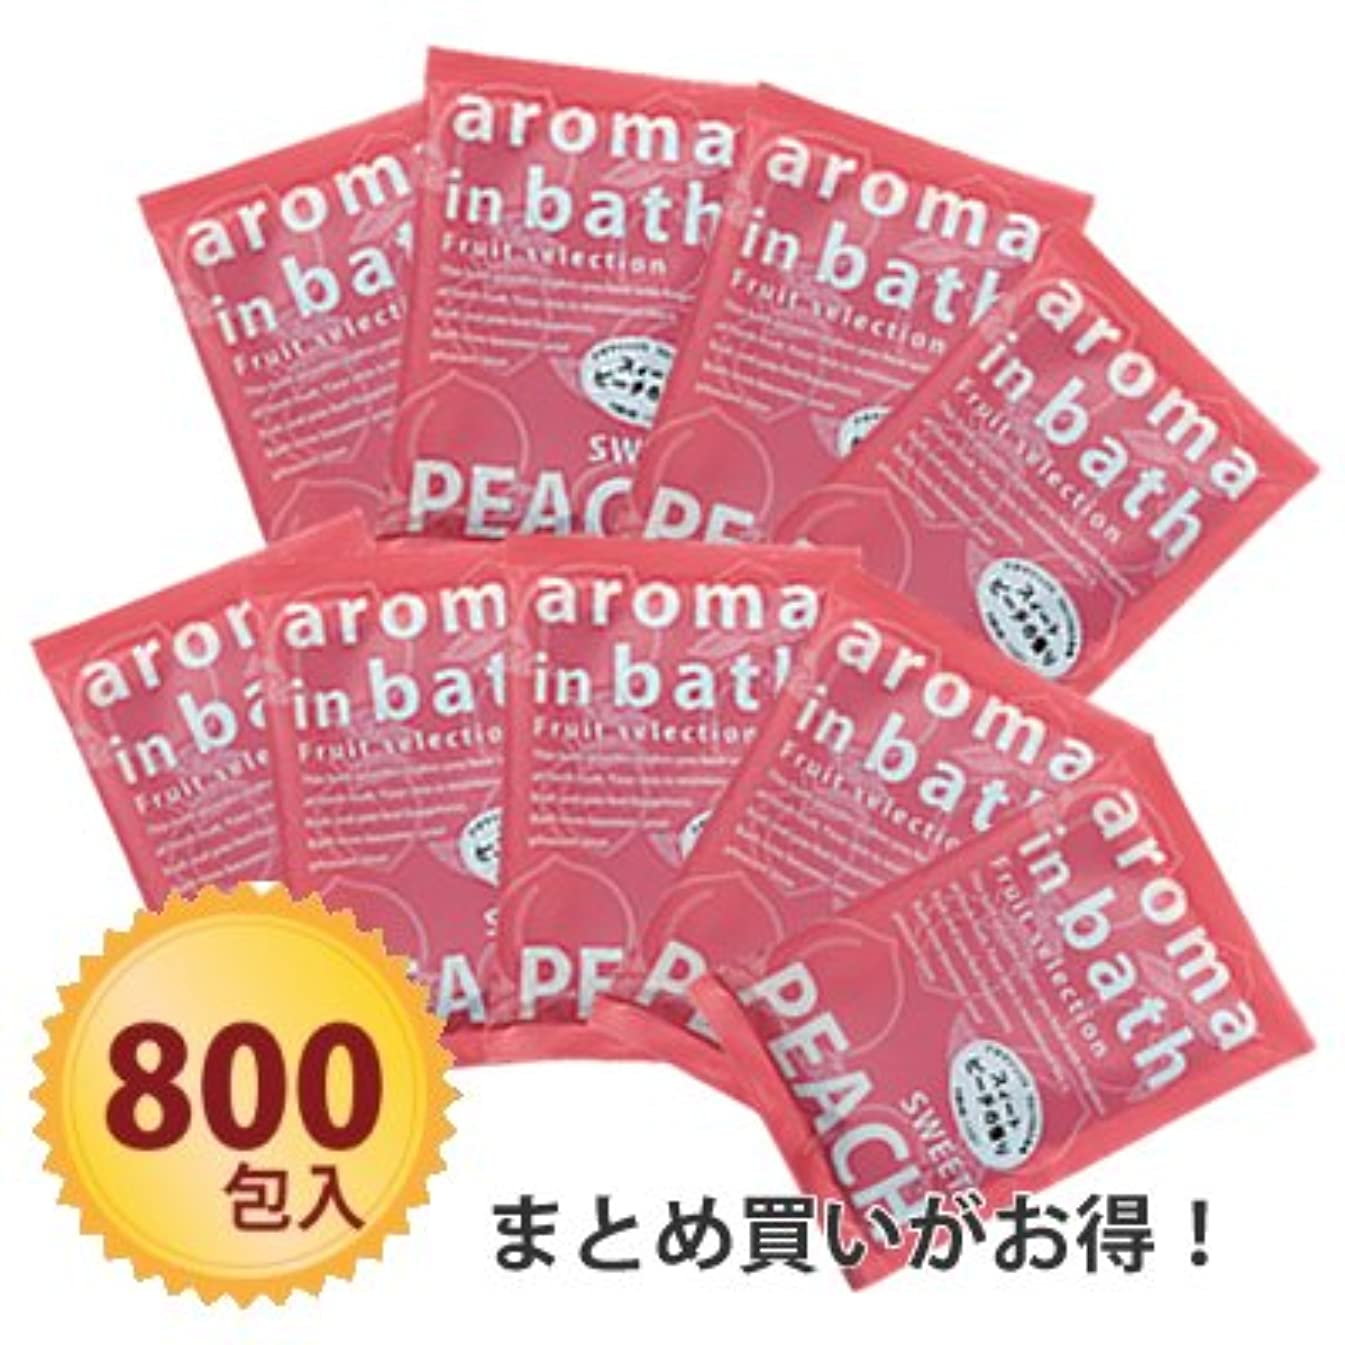 私たち自身ずっと信頼できる粉体入浴料 アロマインバス25g スイートピーチ ×800個